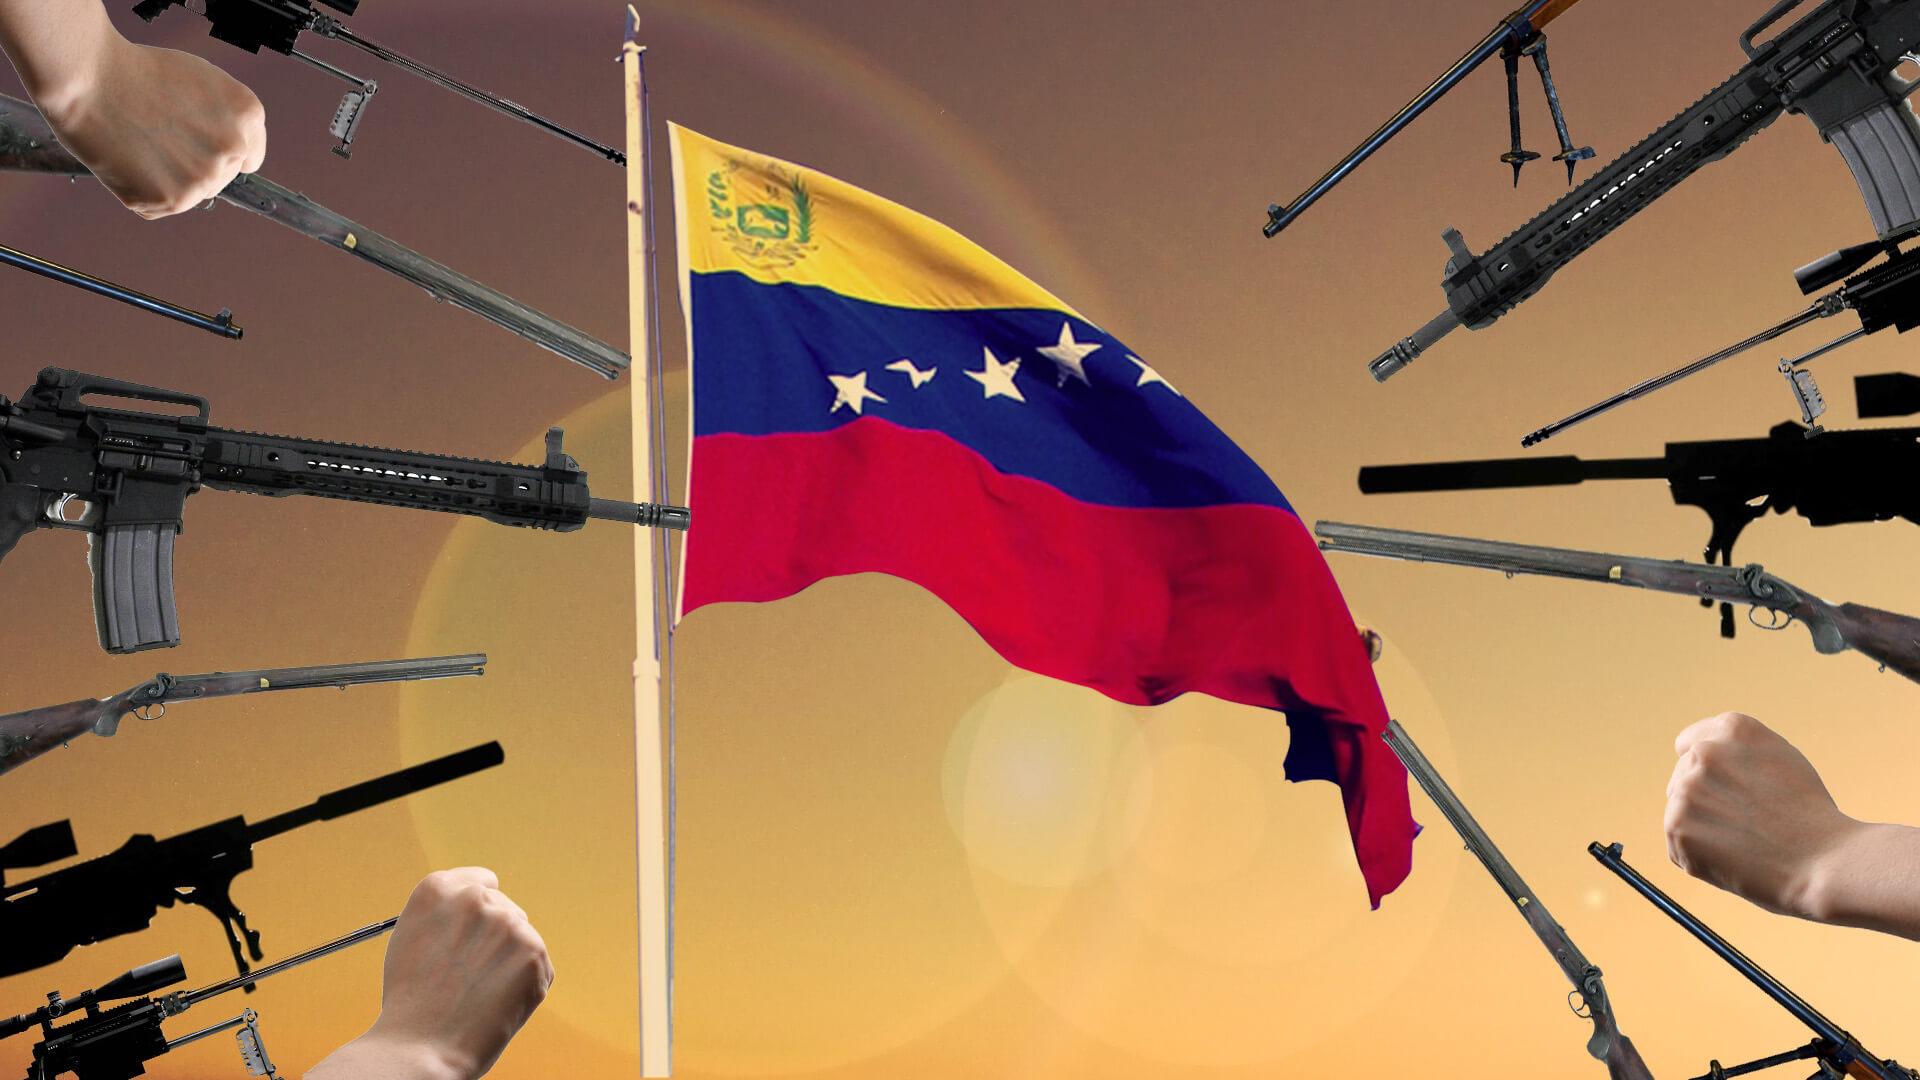 La irresponsabilidad de llamar a una guerra contra Venezuela